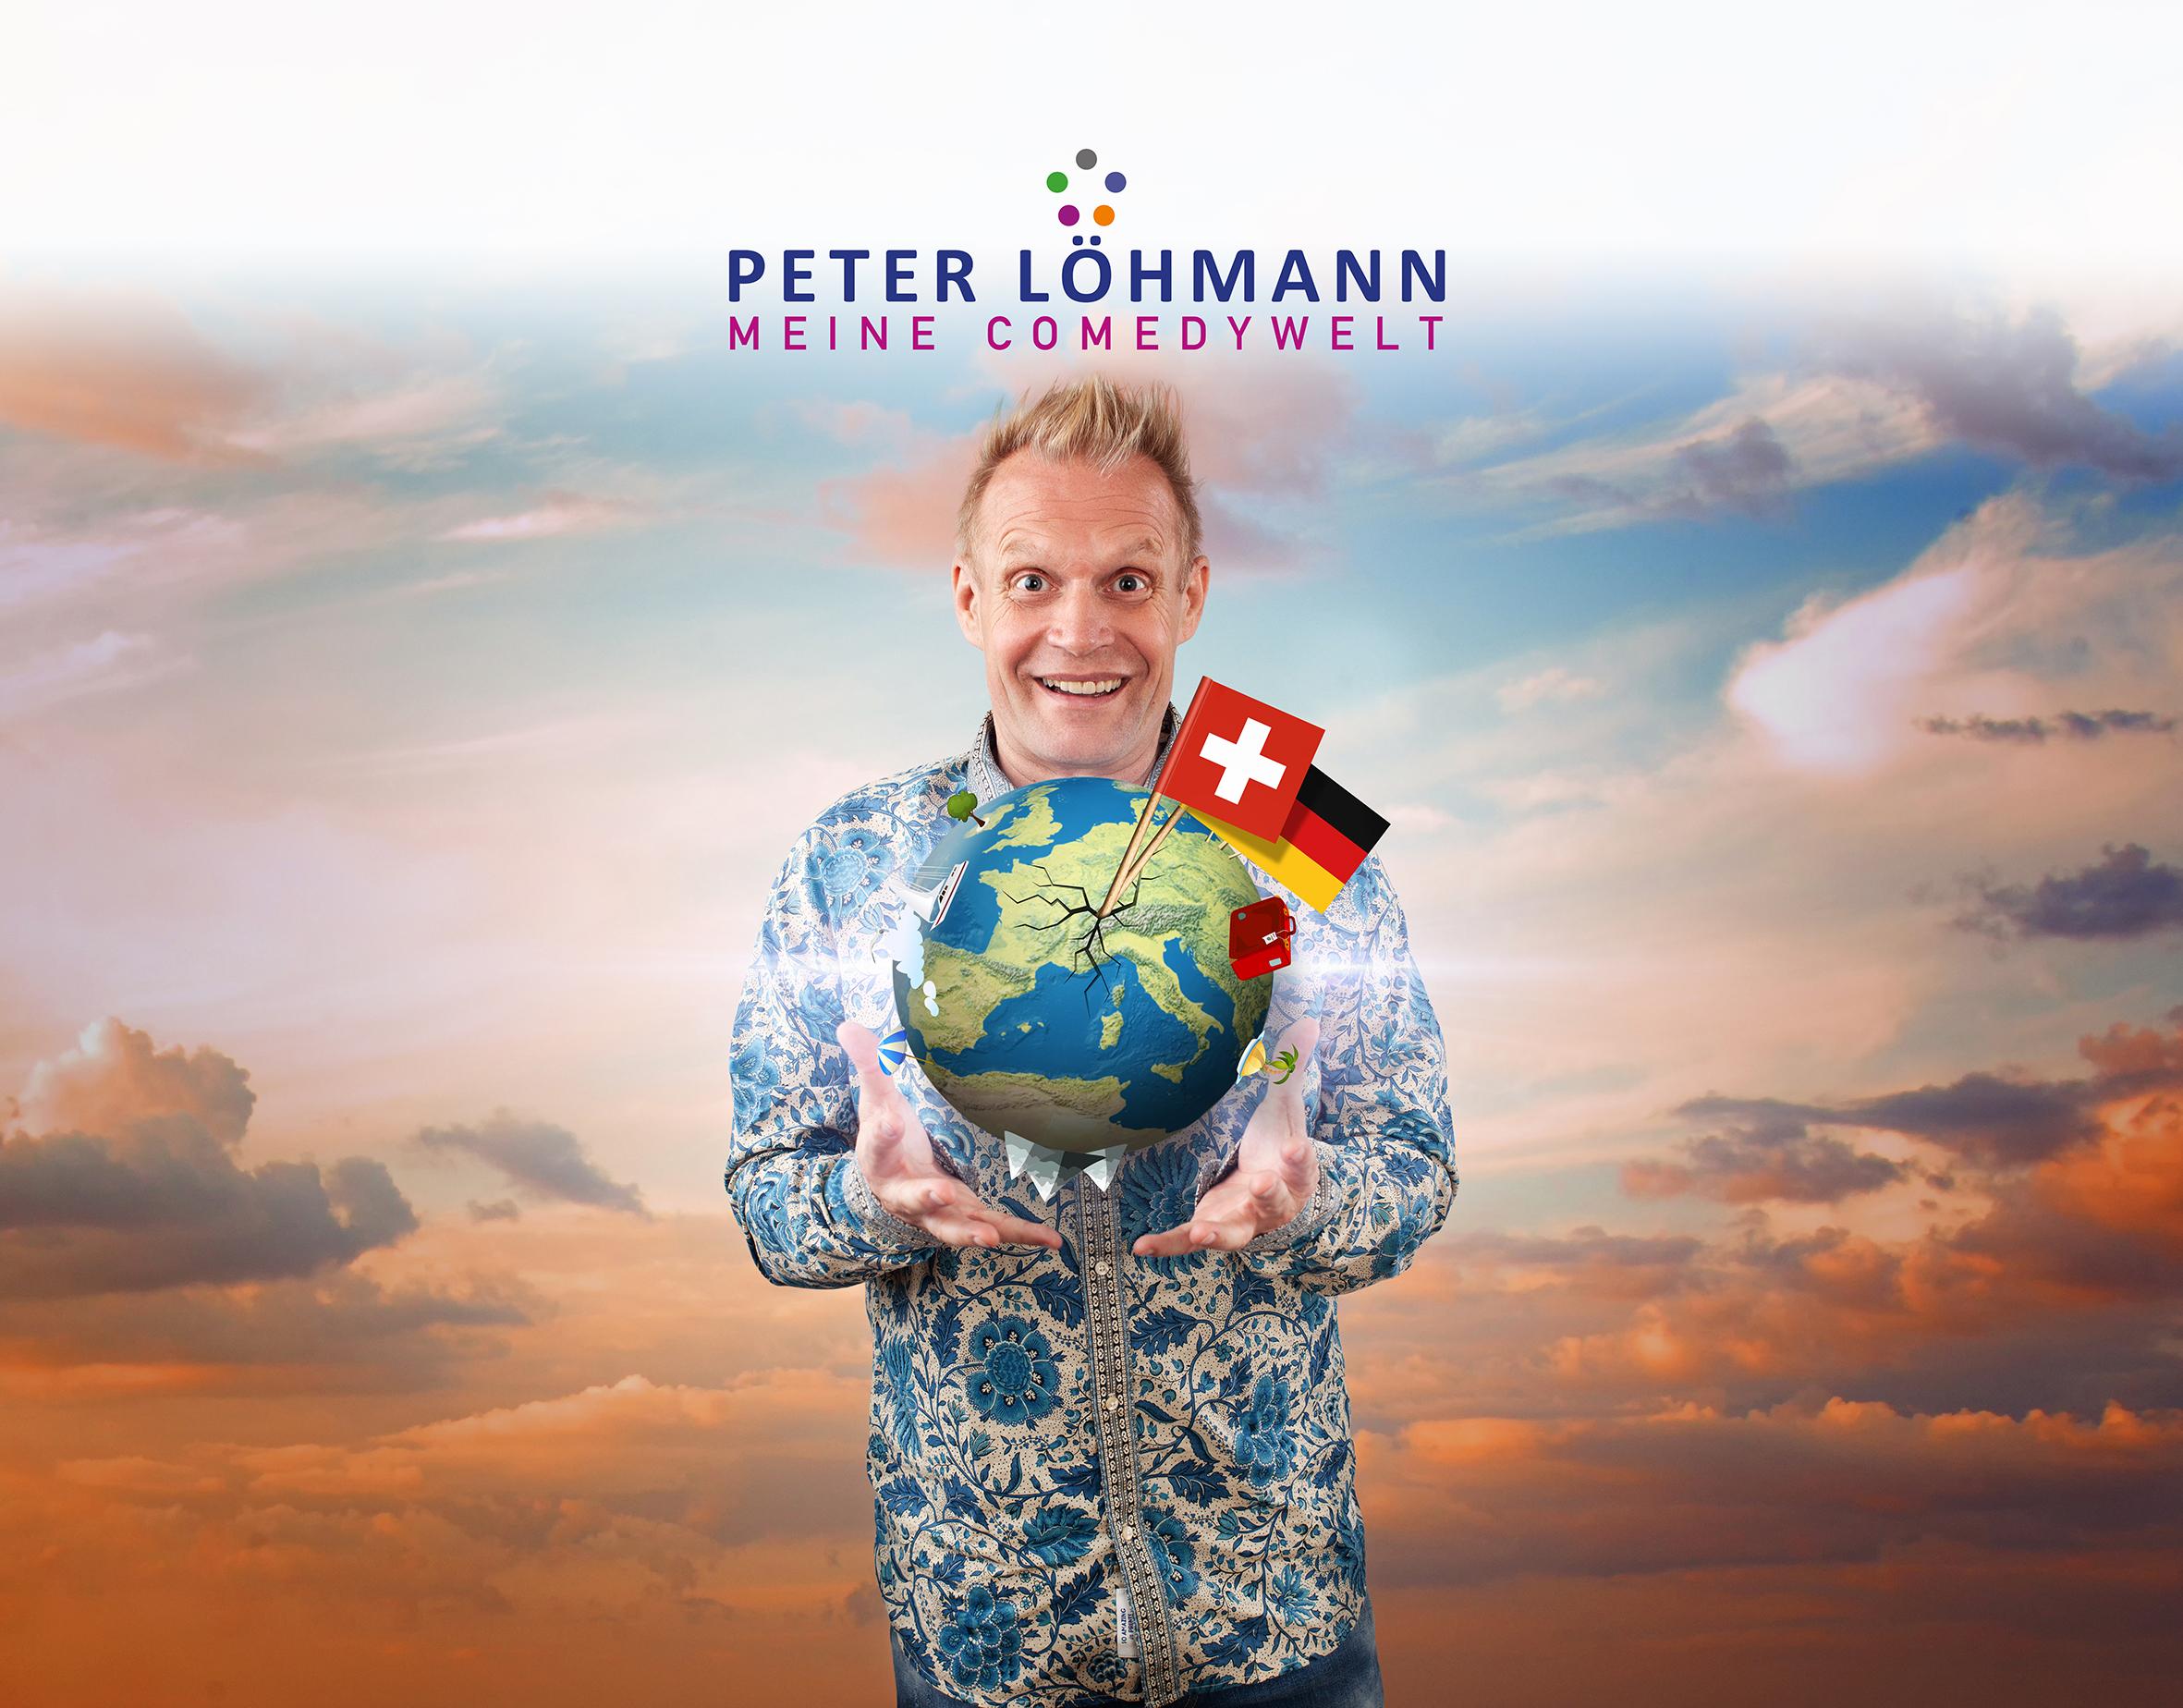 Meine Comedywelt - Peter Löhmann im Gleis 1 in Meckenbeuren